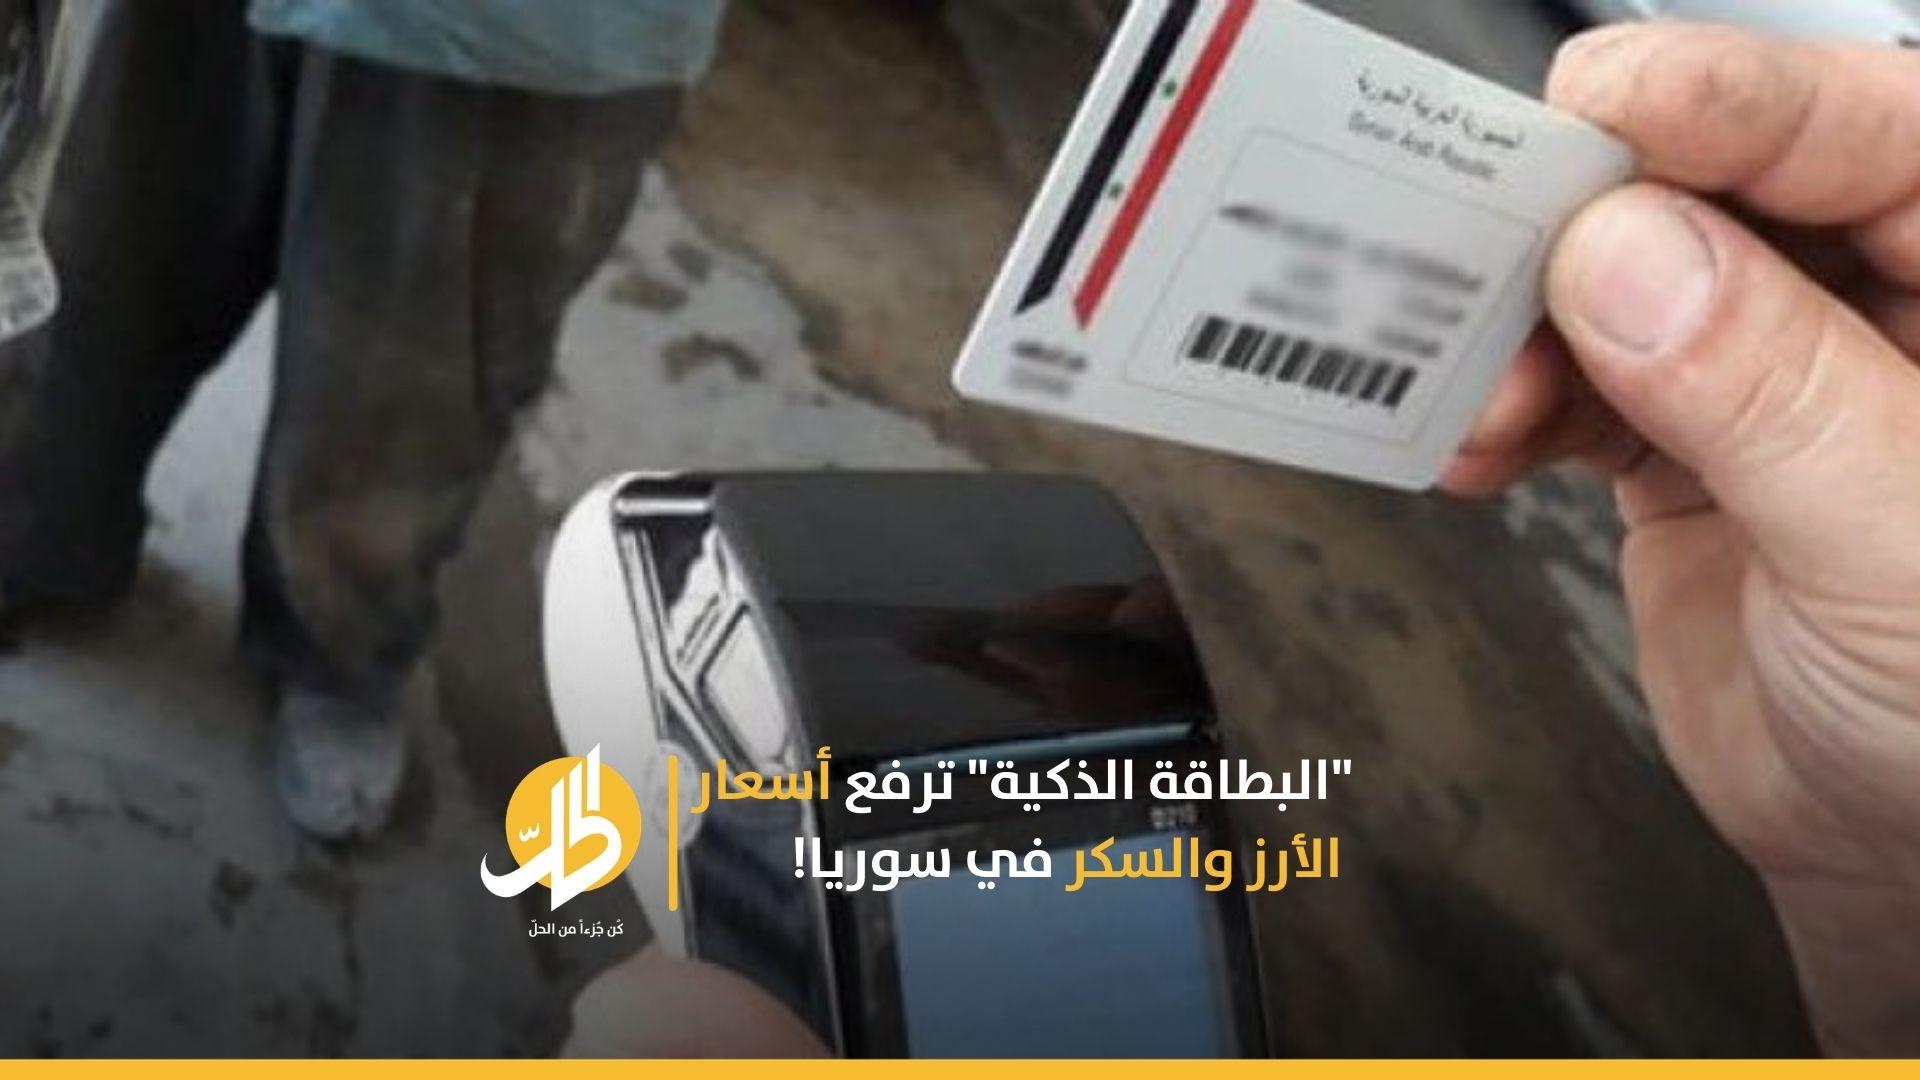 """""""البطاقة الذكية"""" ترفع أسعار الأرز والسكر في سوريا!"""